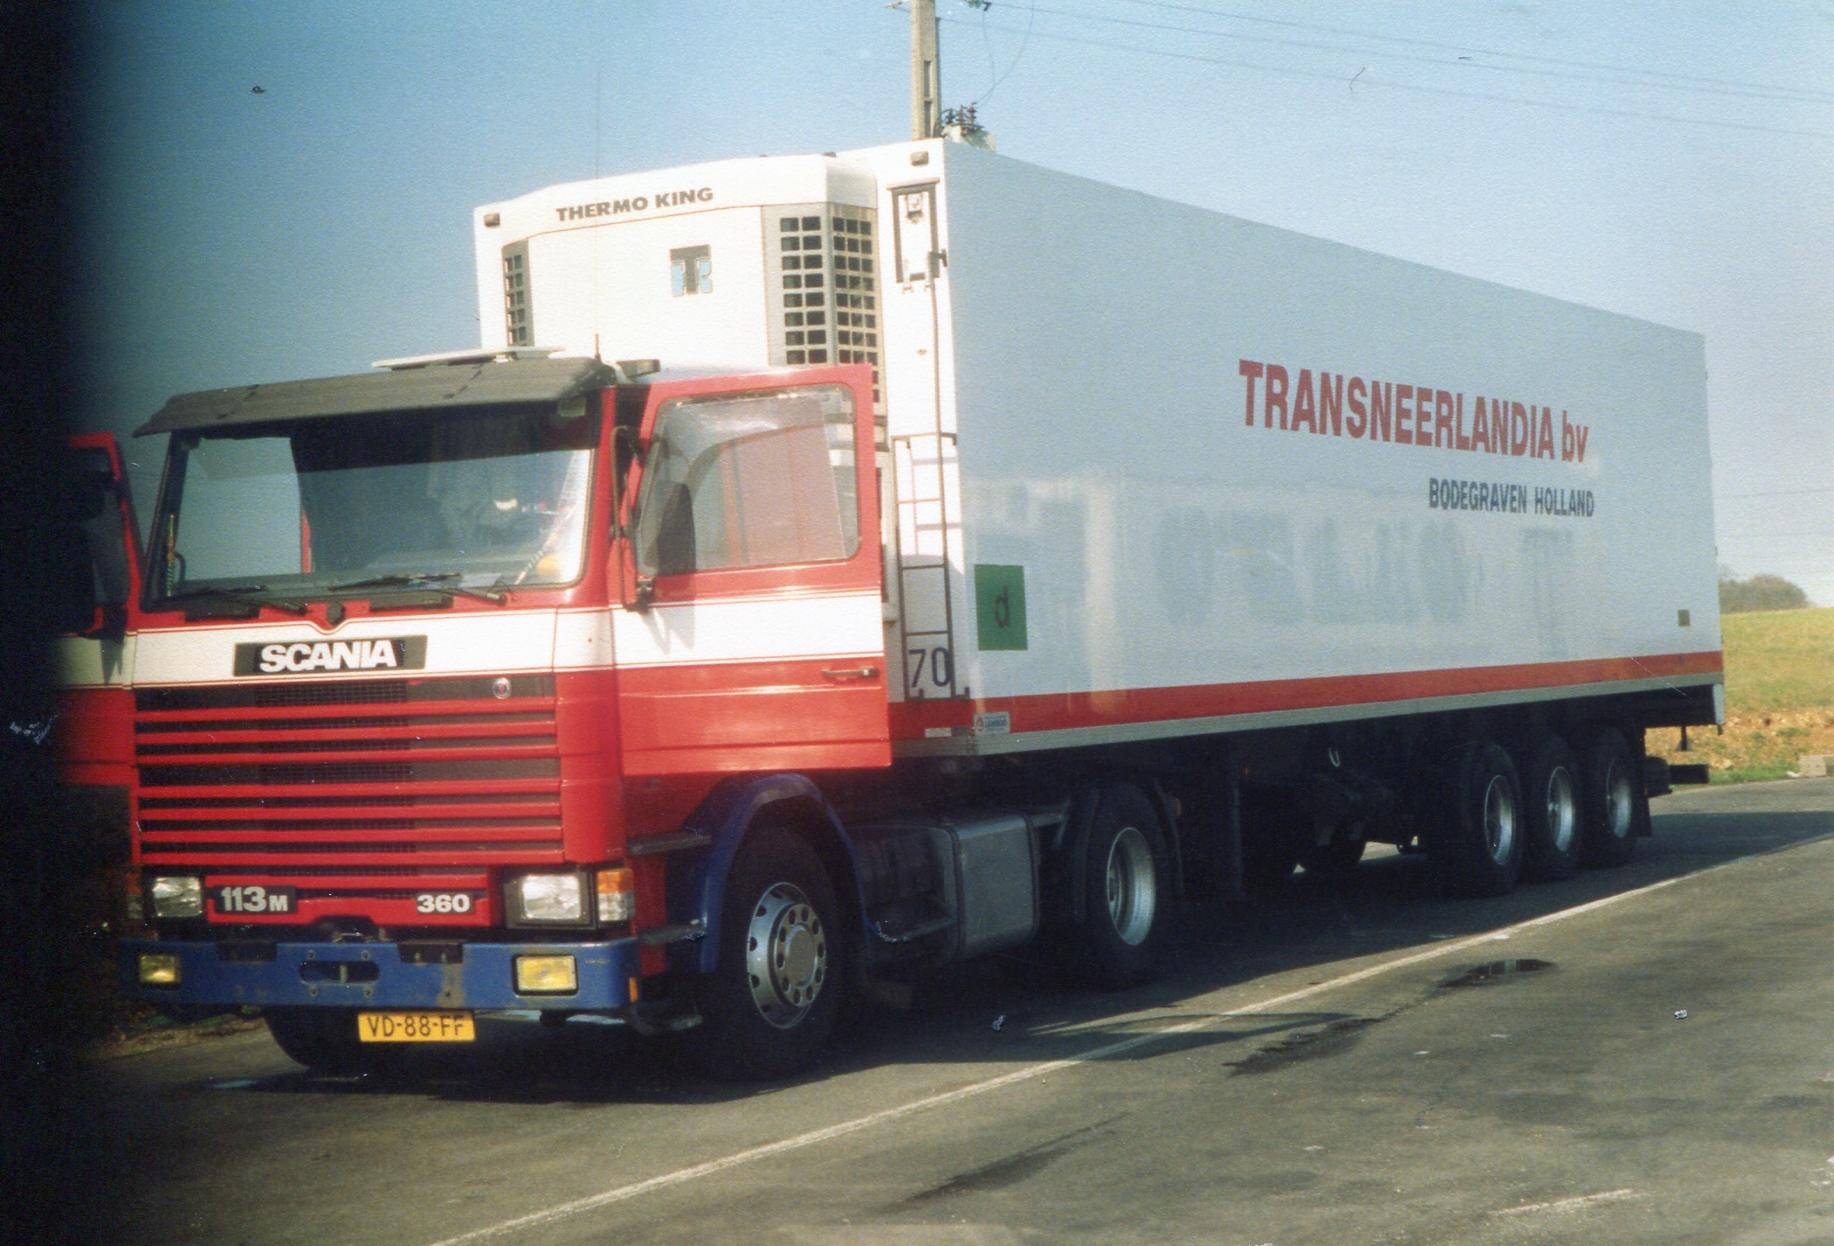 Transneerlandia-in-Huelva-8